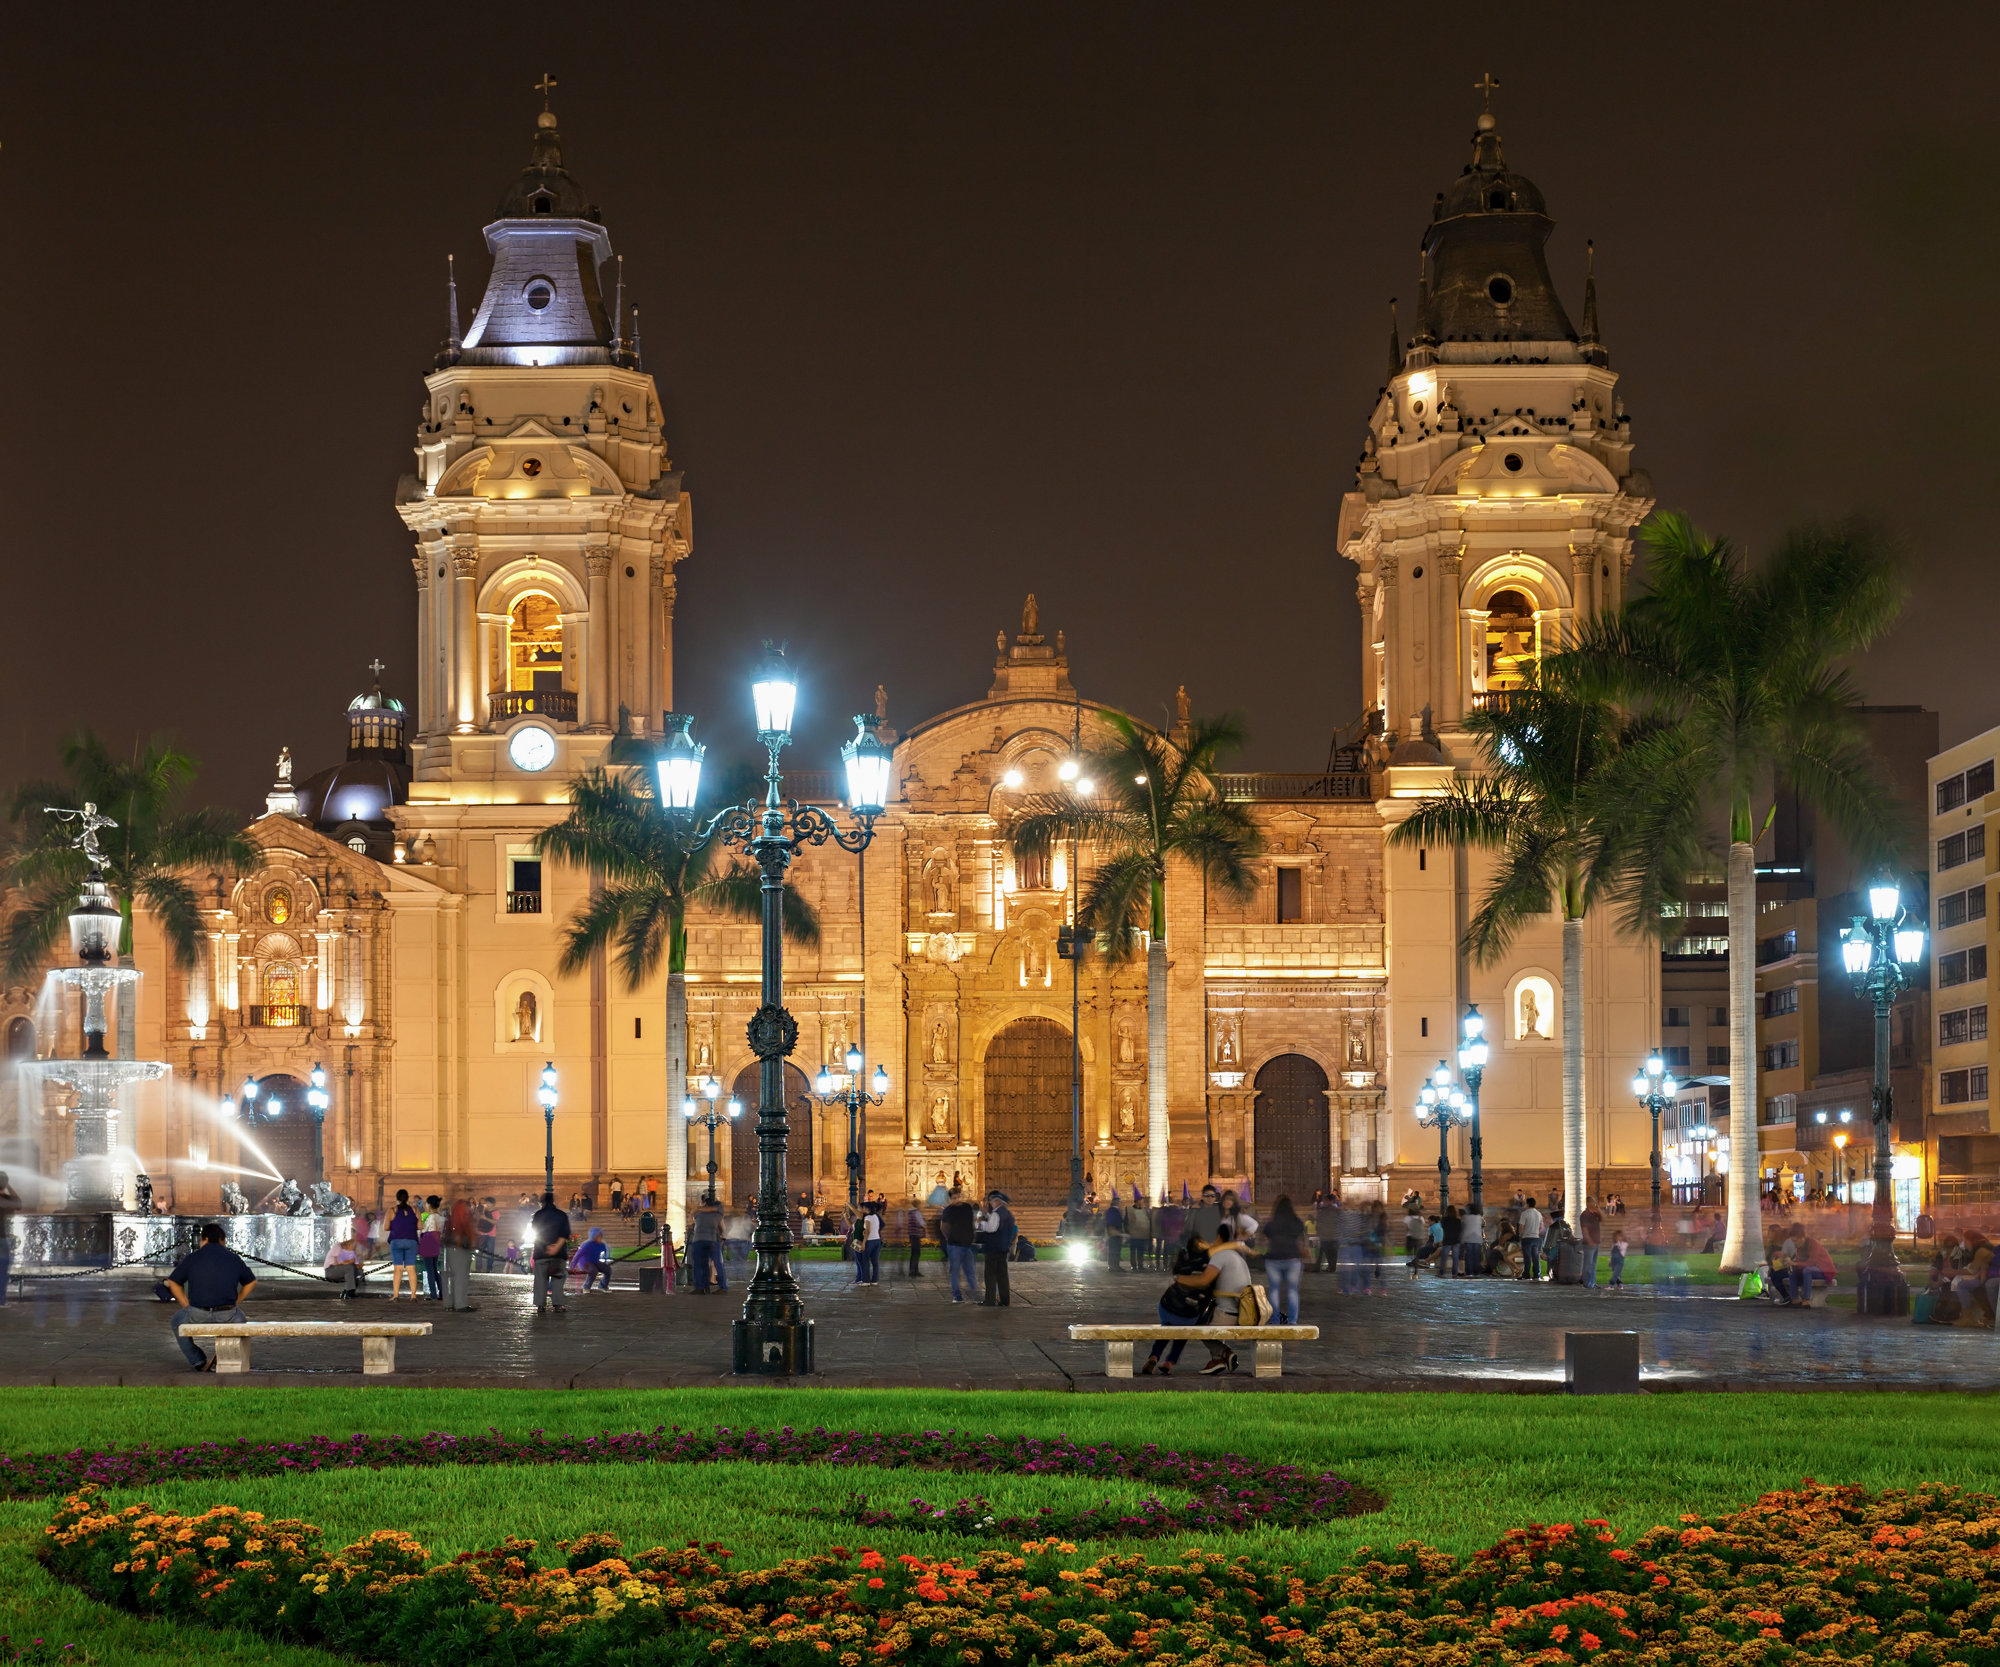 8. La Catedral de Lima fue edificada en el lugar donde estuvo el adoratorio inka del puma inti. El conquistador Francisco Pizarro puso la primera piedra en 1535.